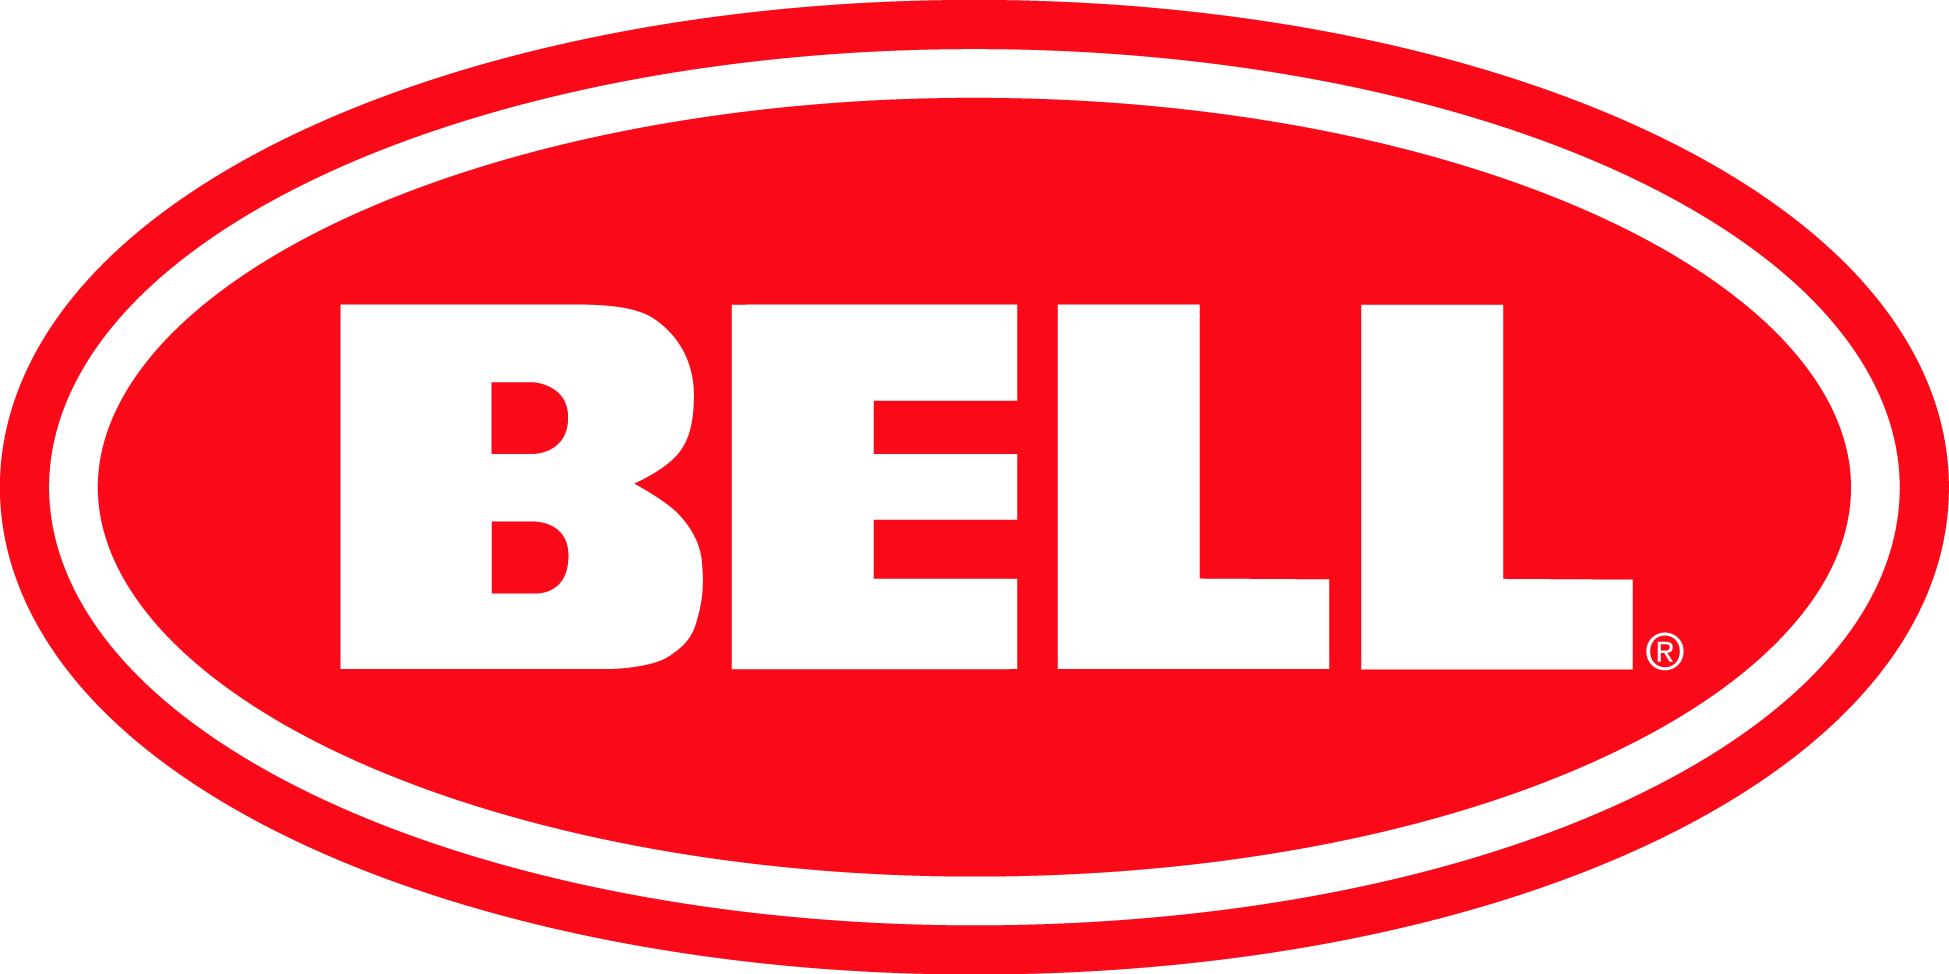 bell_logo_red.jpg